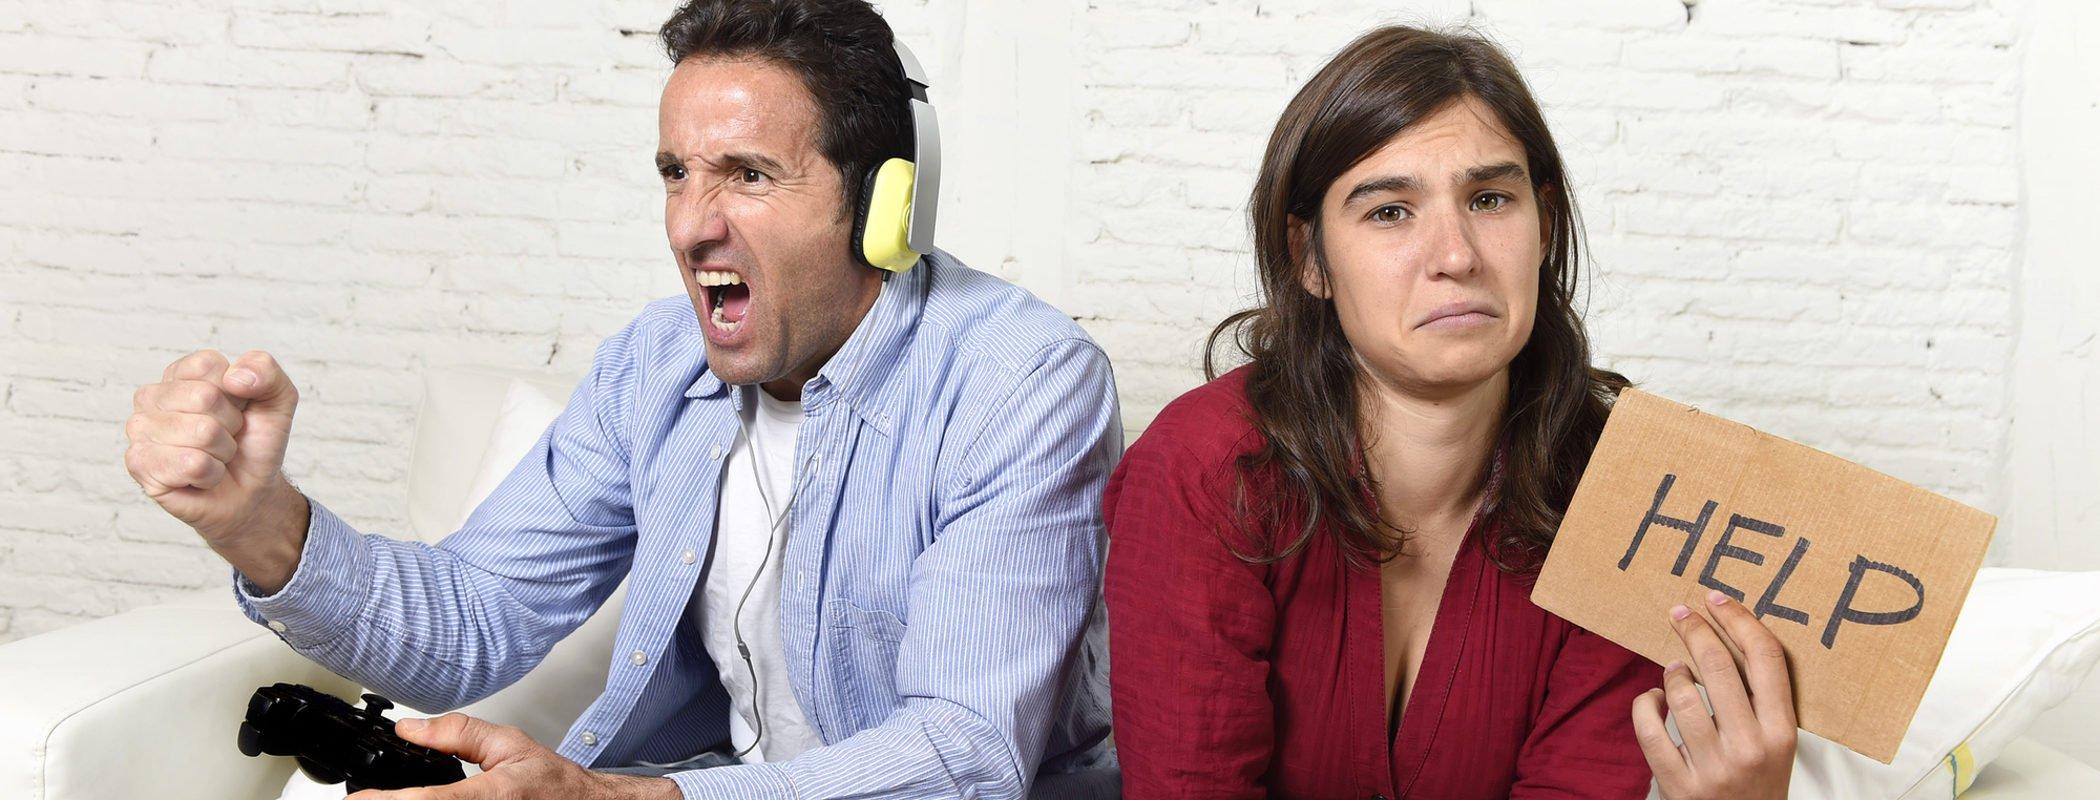 Mi pareja no para de jugar con videojuegos y no me hace caso: ¿qué puedo hacer?